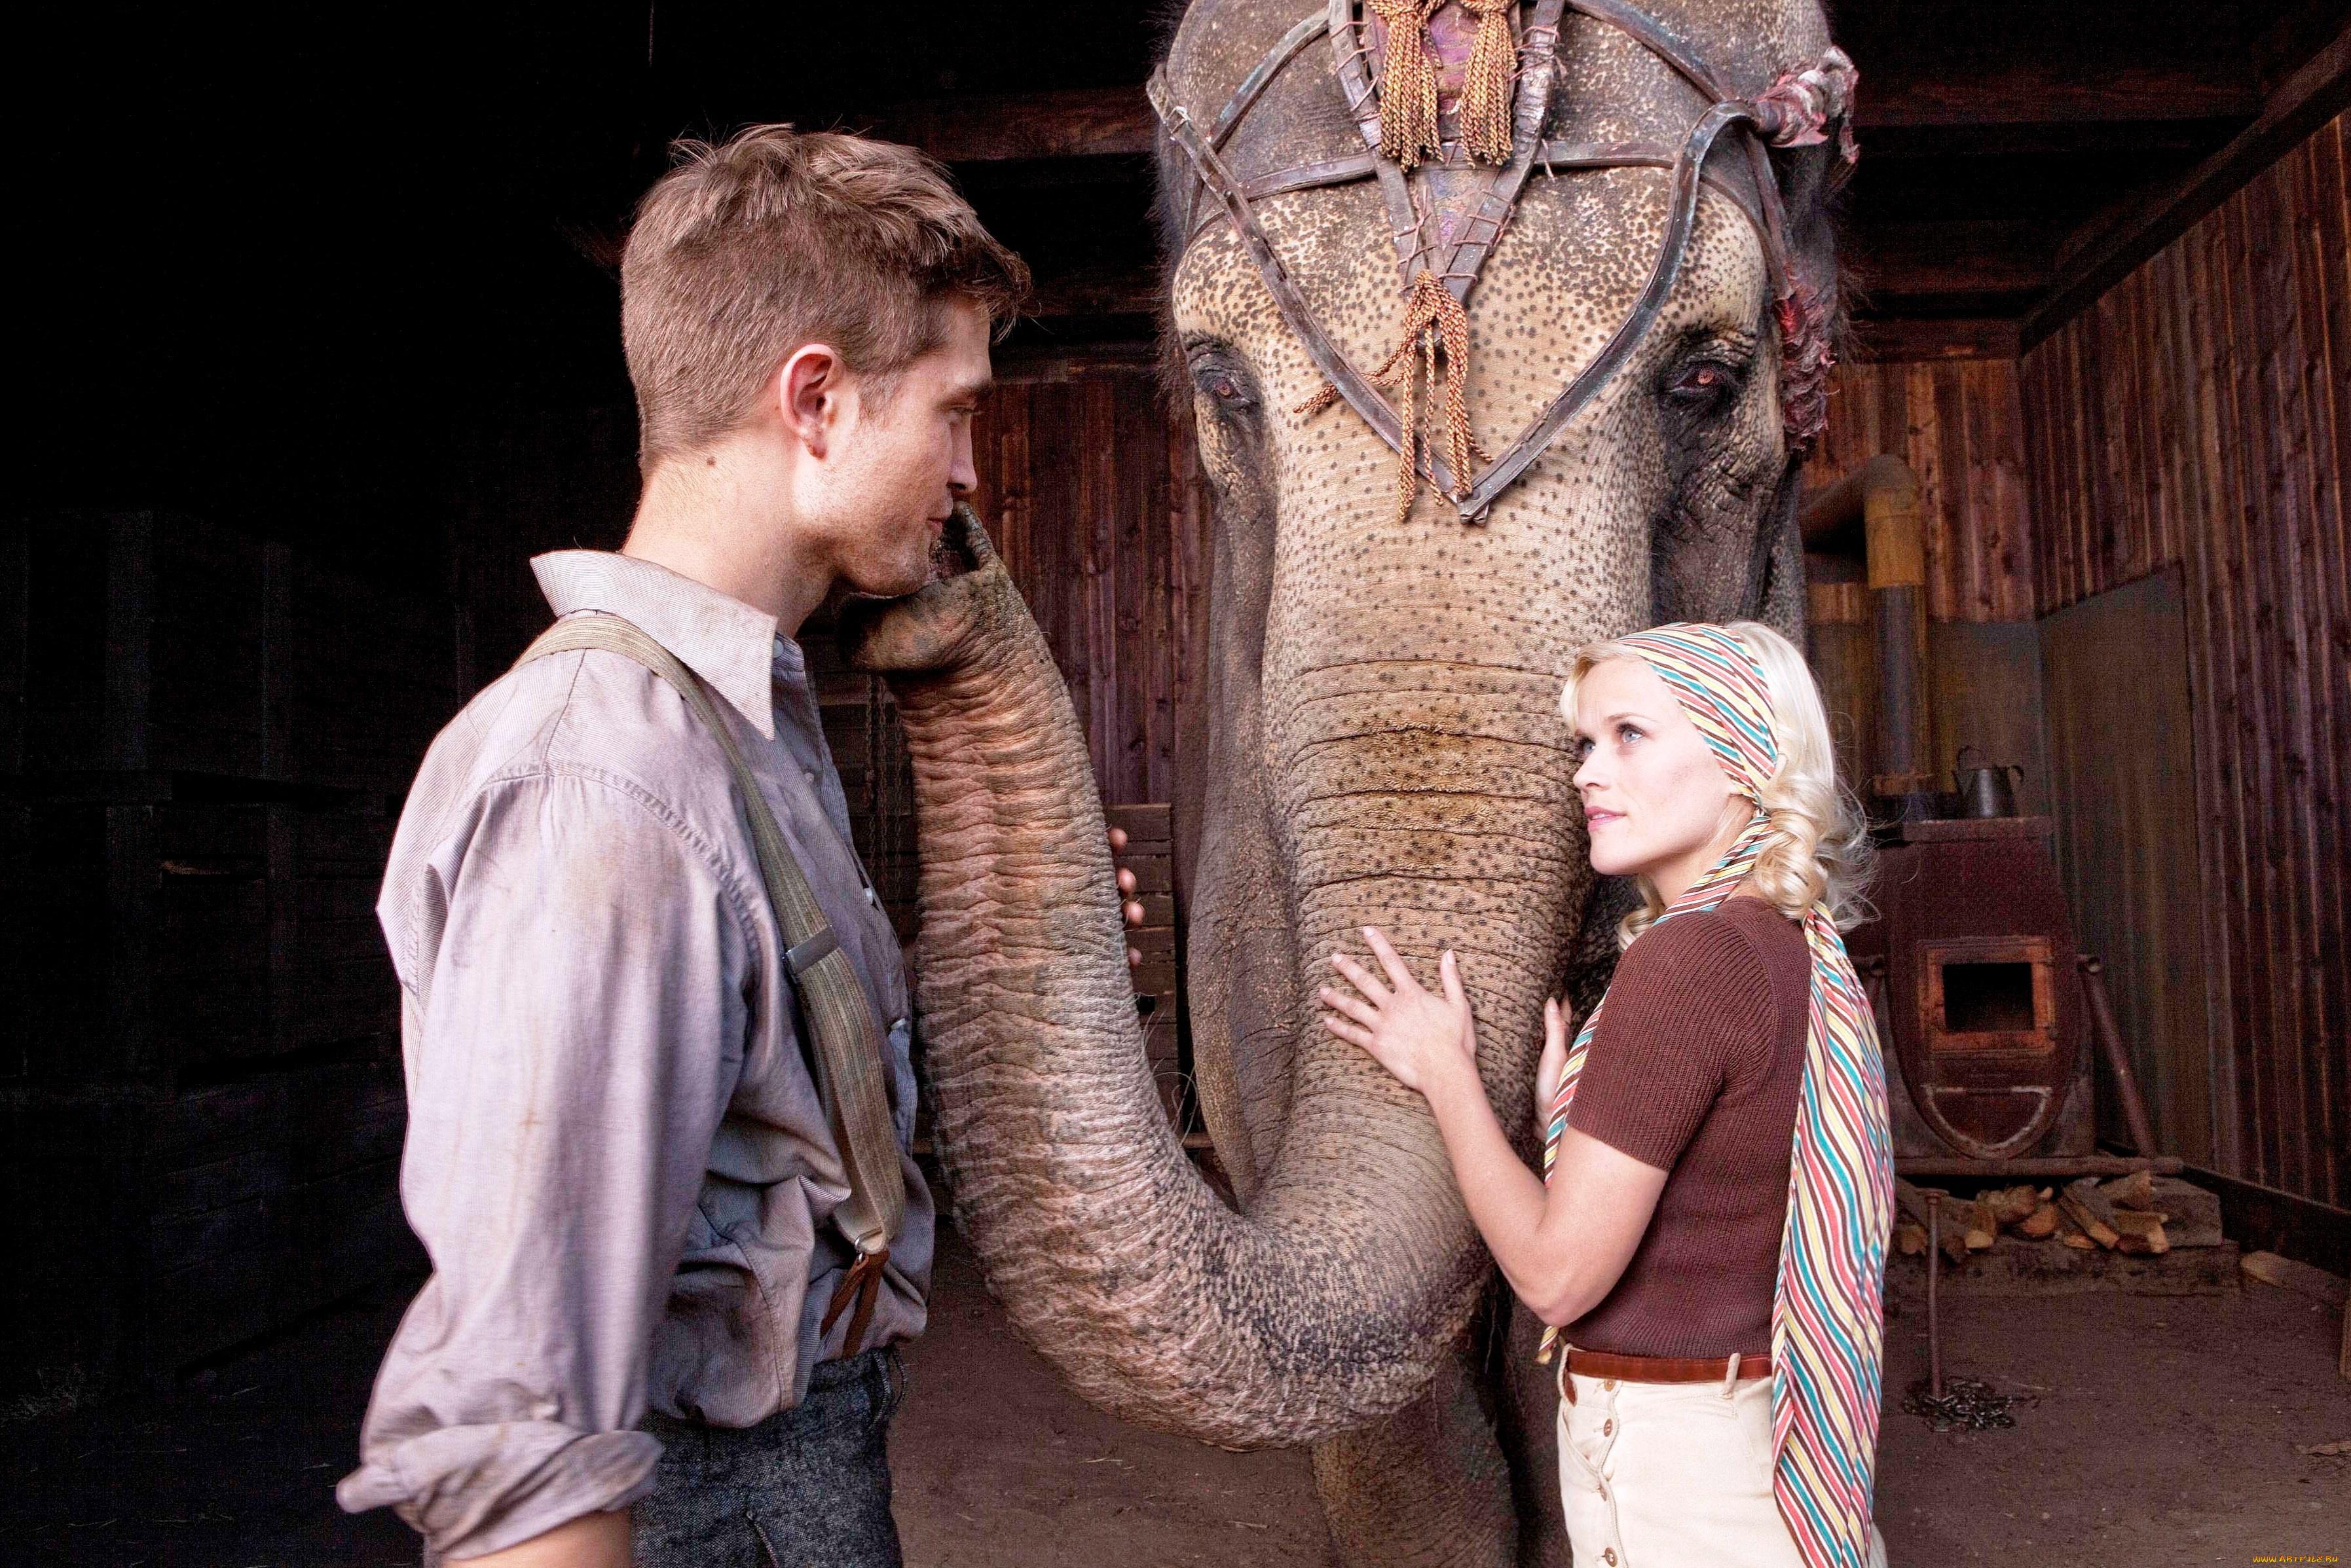 elephant-interracial-list-movie-boys-hump-chair-nude